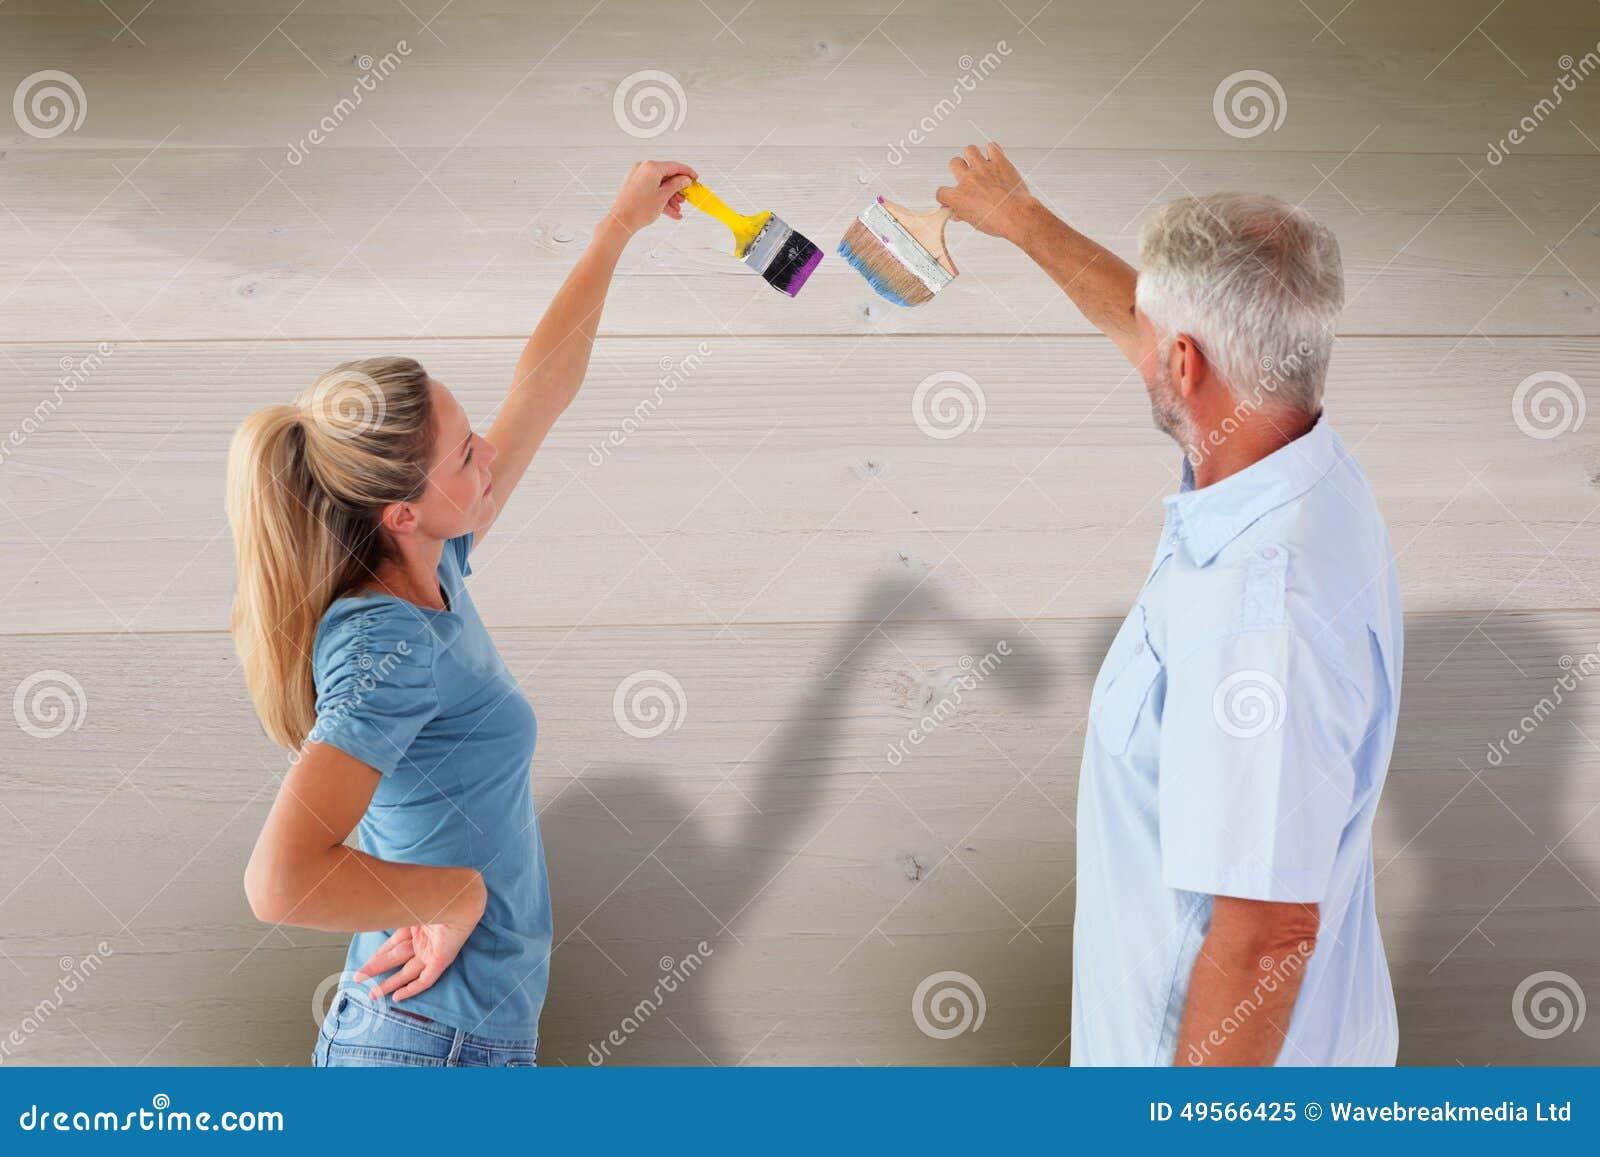 Peindre Un Mur Au Pinceau | Image Composee De Mur Heureux De Peinture De Couples Avec Des